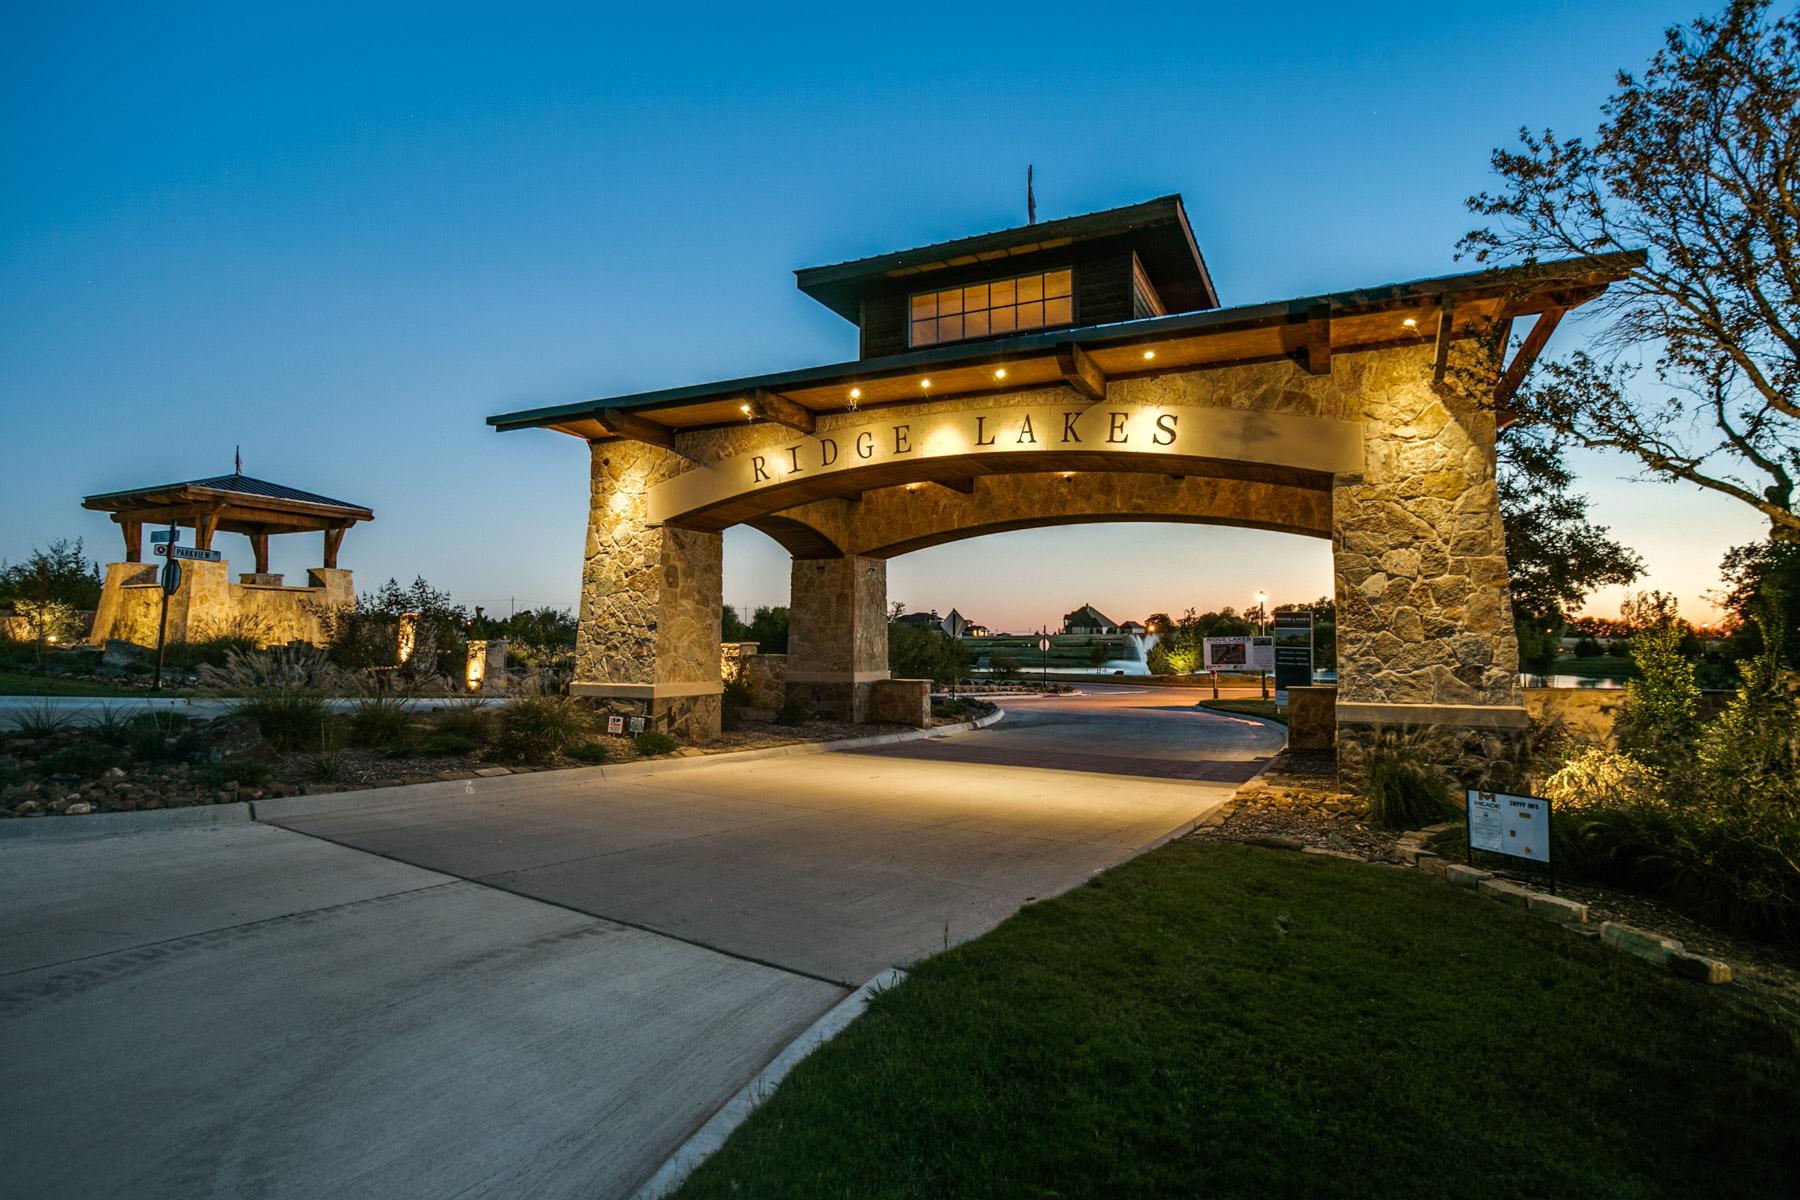 토지 용 매매 에 .58 Acres in Ridge Lakes of Heath 527 Lodge Hill Drive, Heath, 텍사스 75032 미국